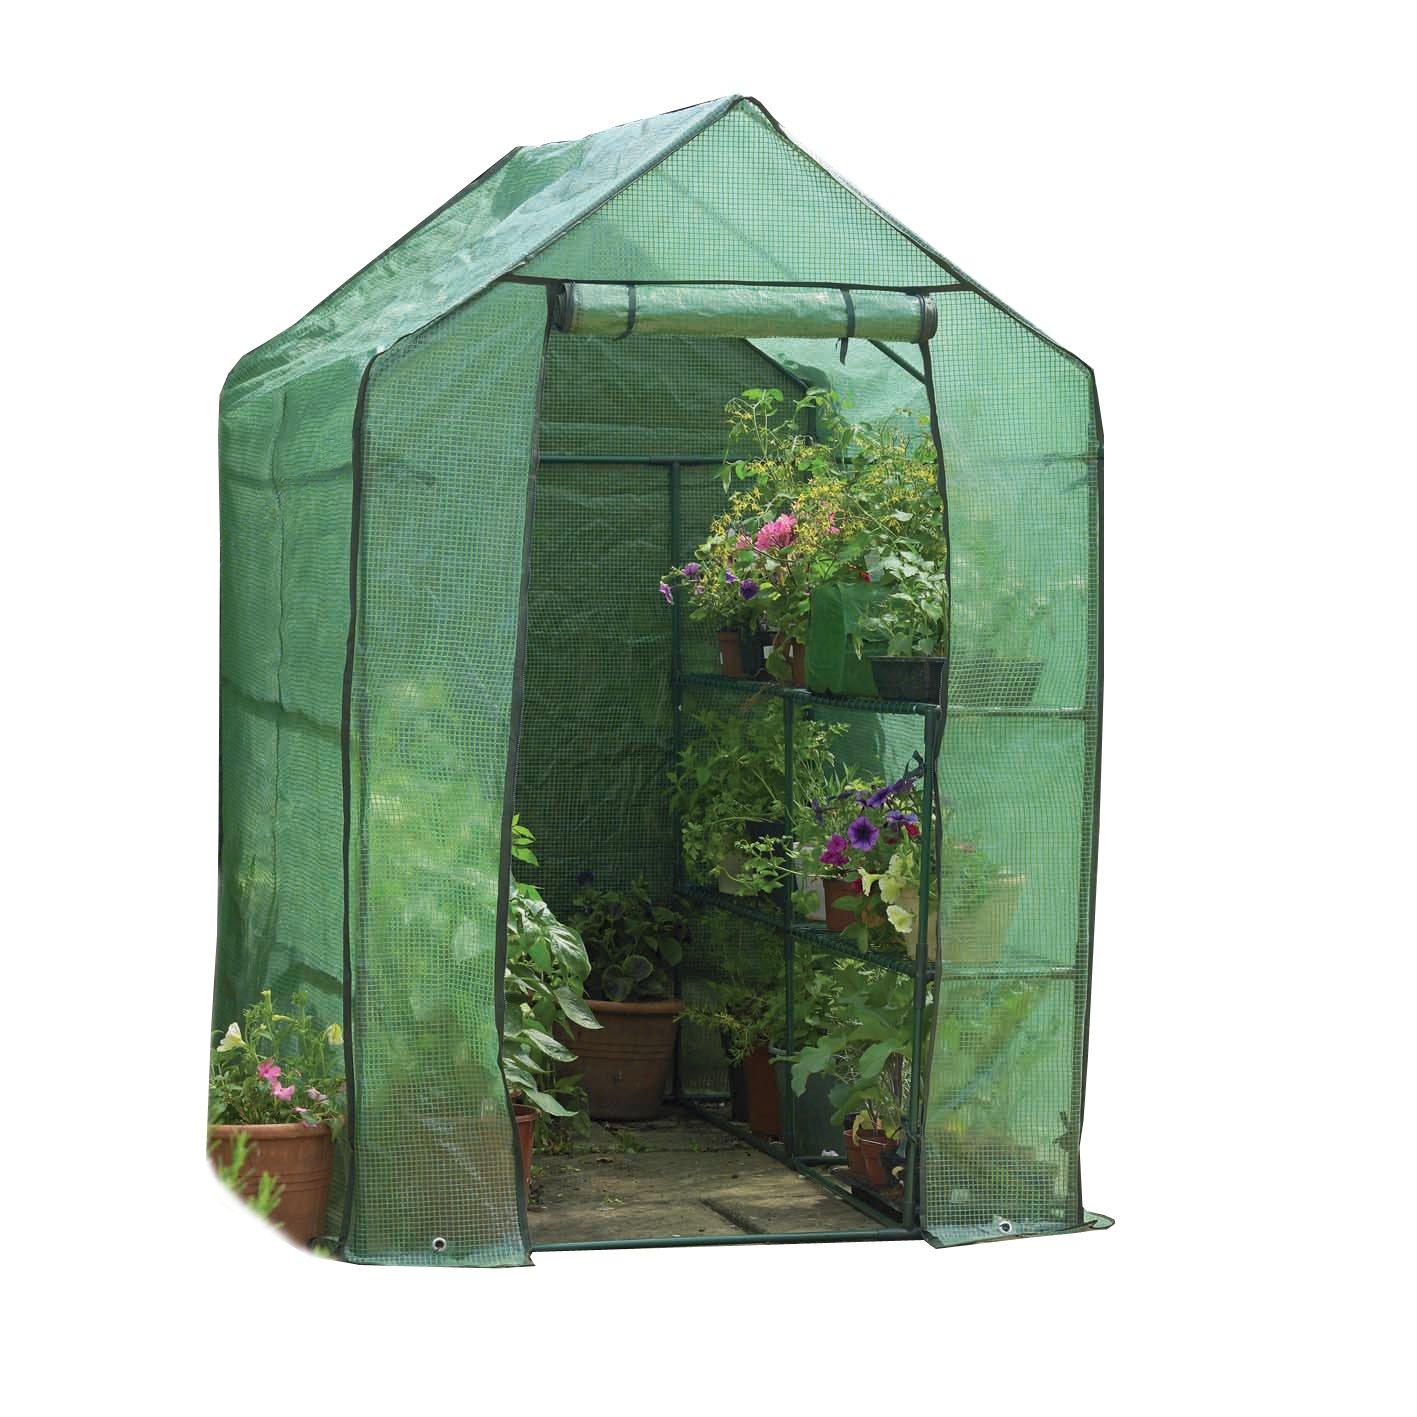 Gardman 7622 Walk-In Greenhouse with Shelving, 75'' Long x 49'' Wide x 75'' High